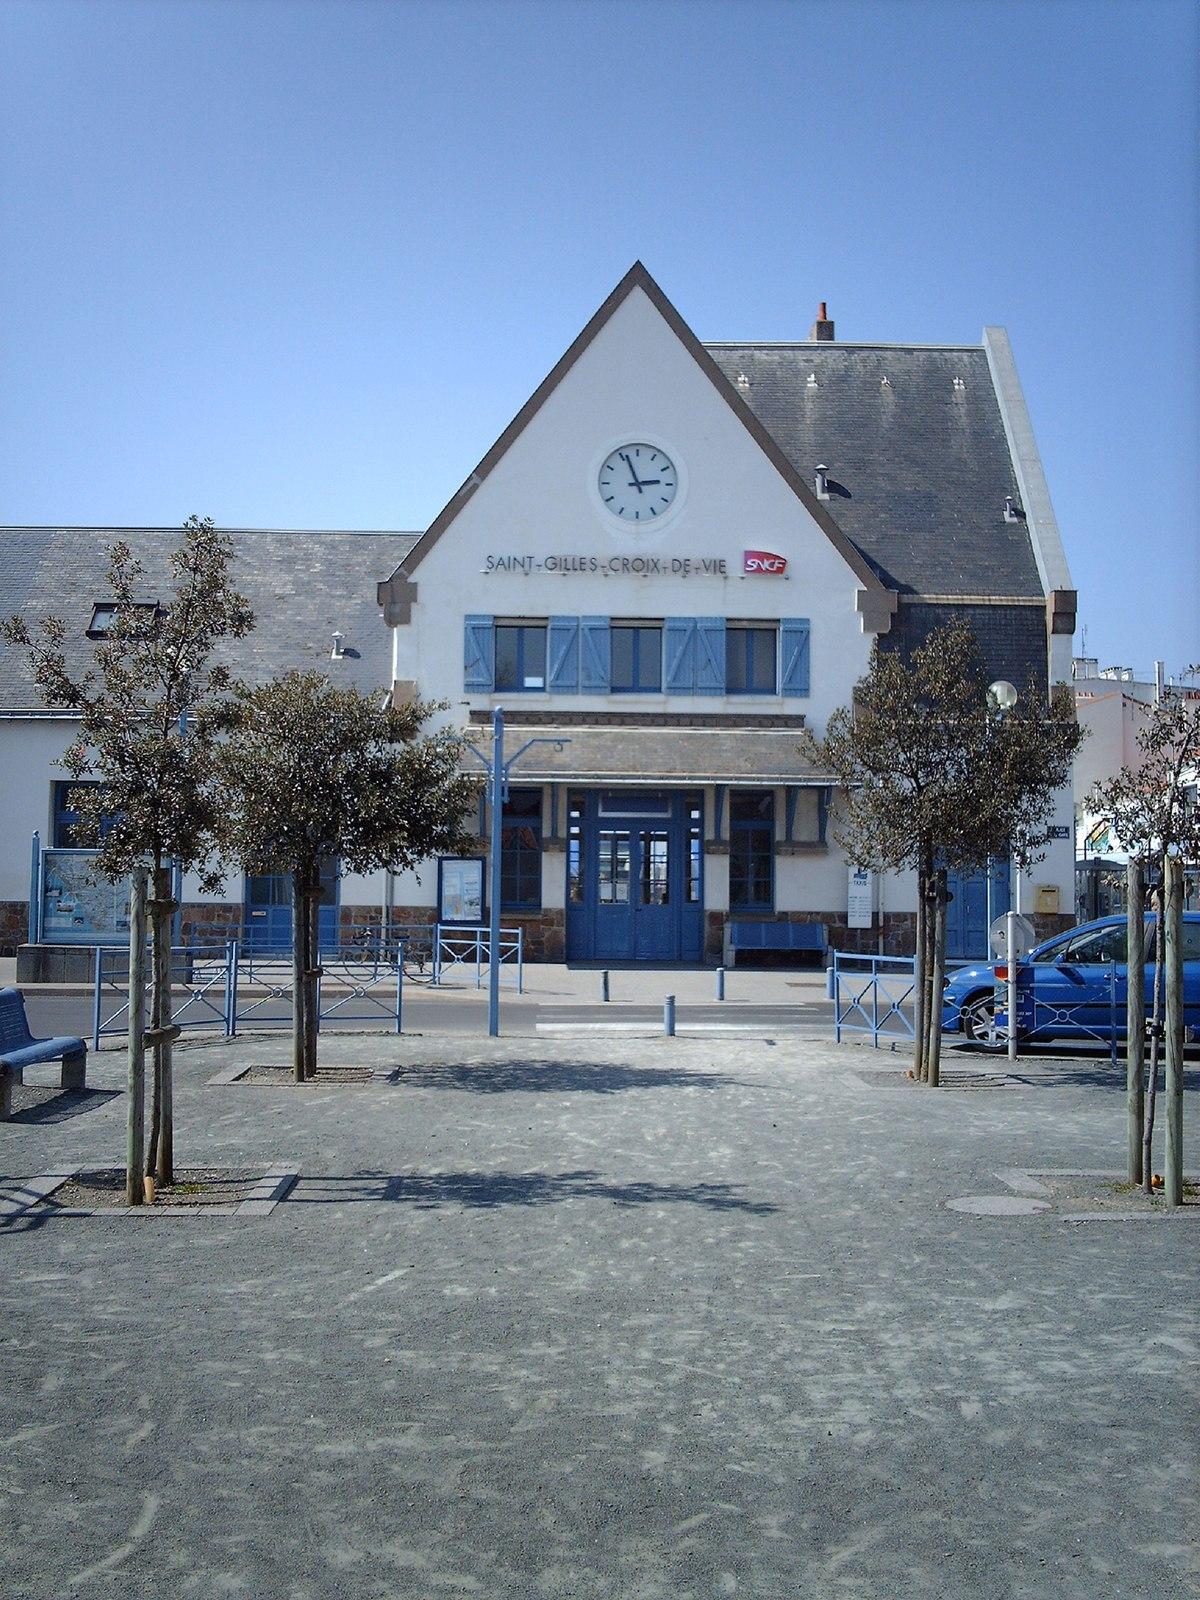 Station saint gilles croix de vie wikipedia for Monsieur bricolage saint gilles croix de vie